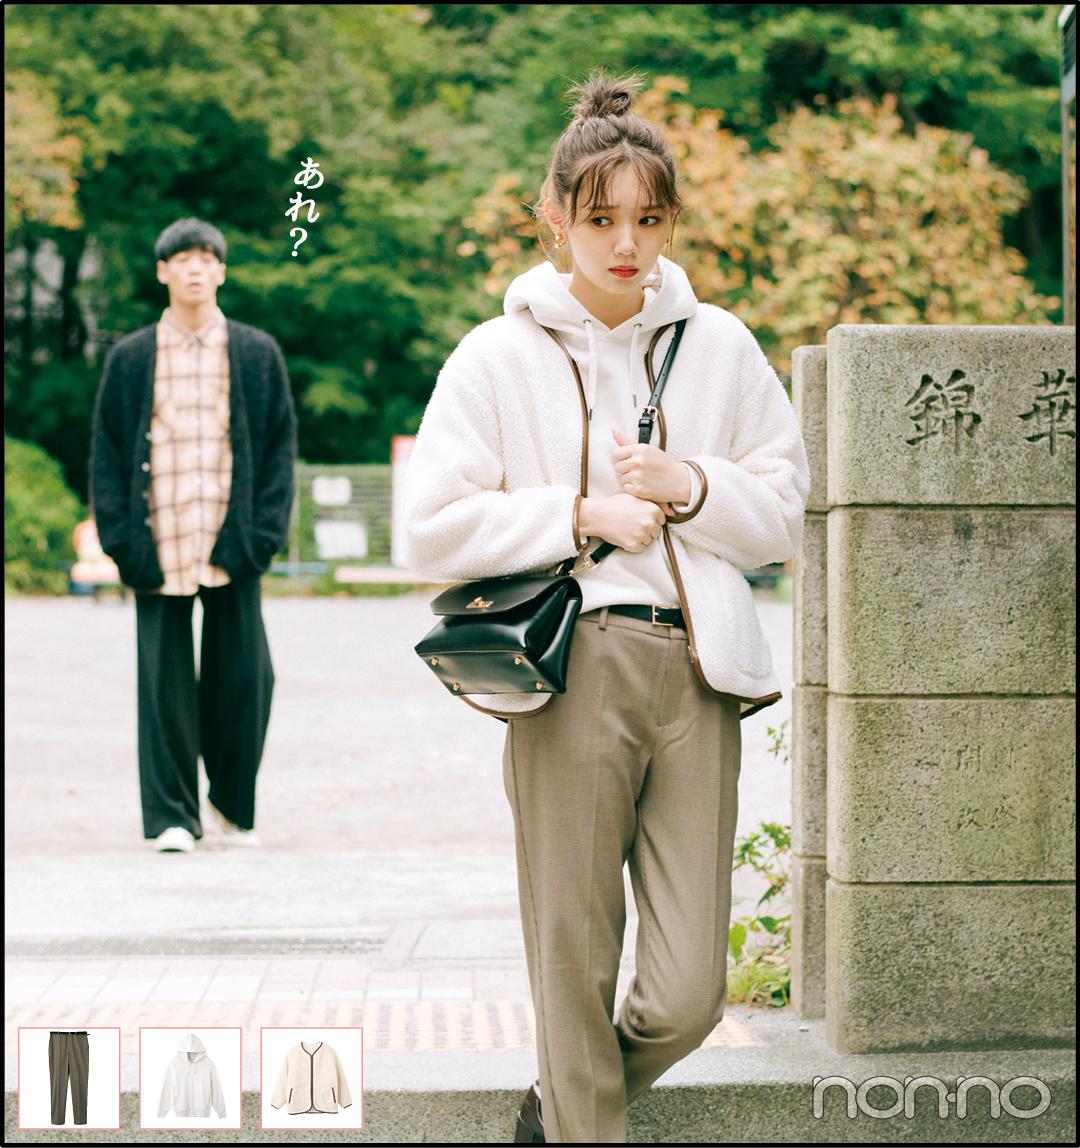 ついに最終回! 江野沢愛美のドラマみたいな高見えしたい胸キュン着回し⑧ _1_2